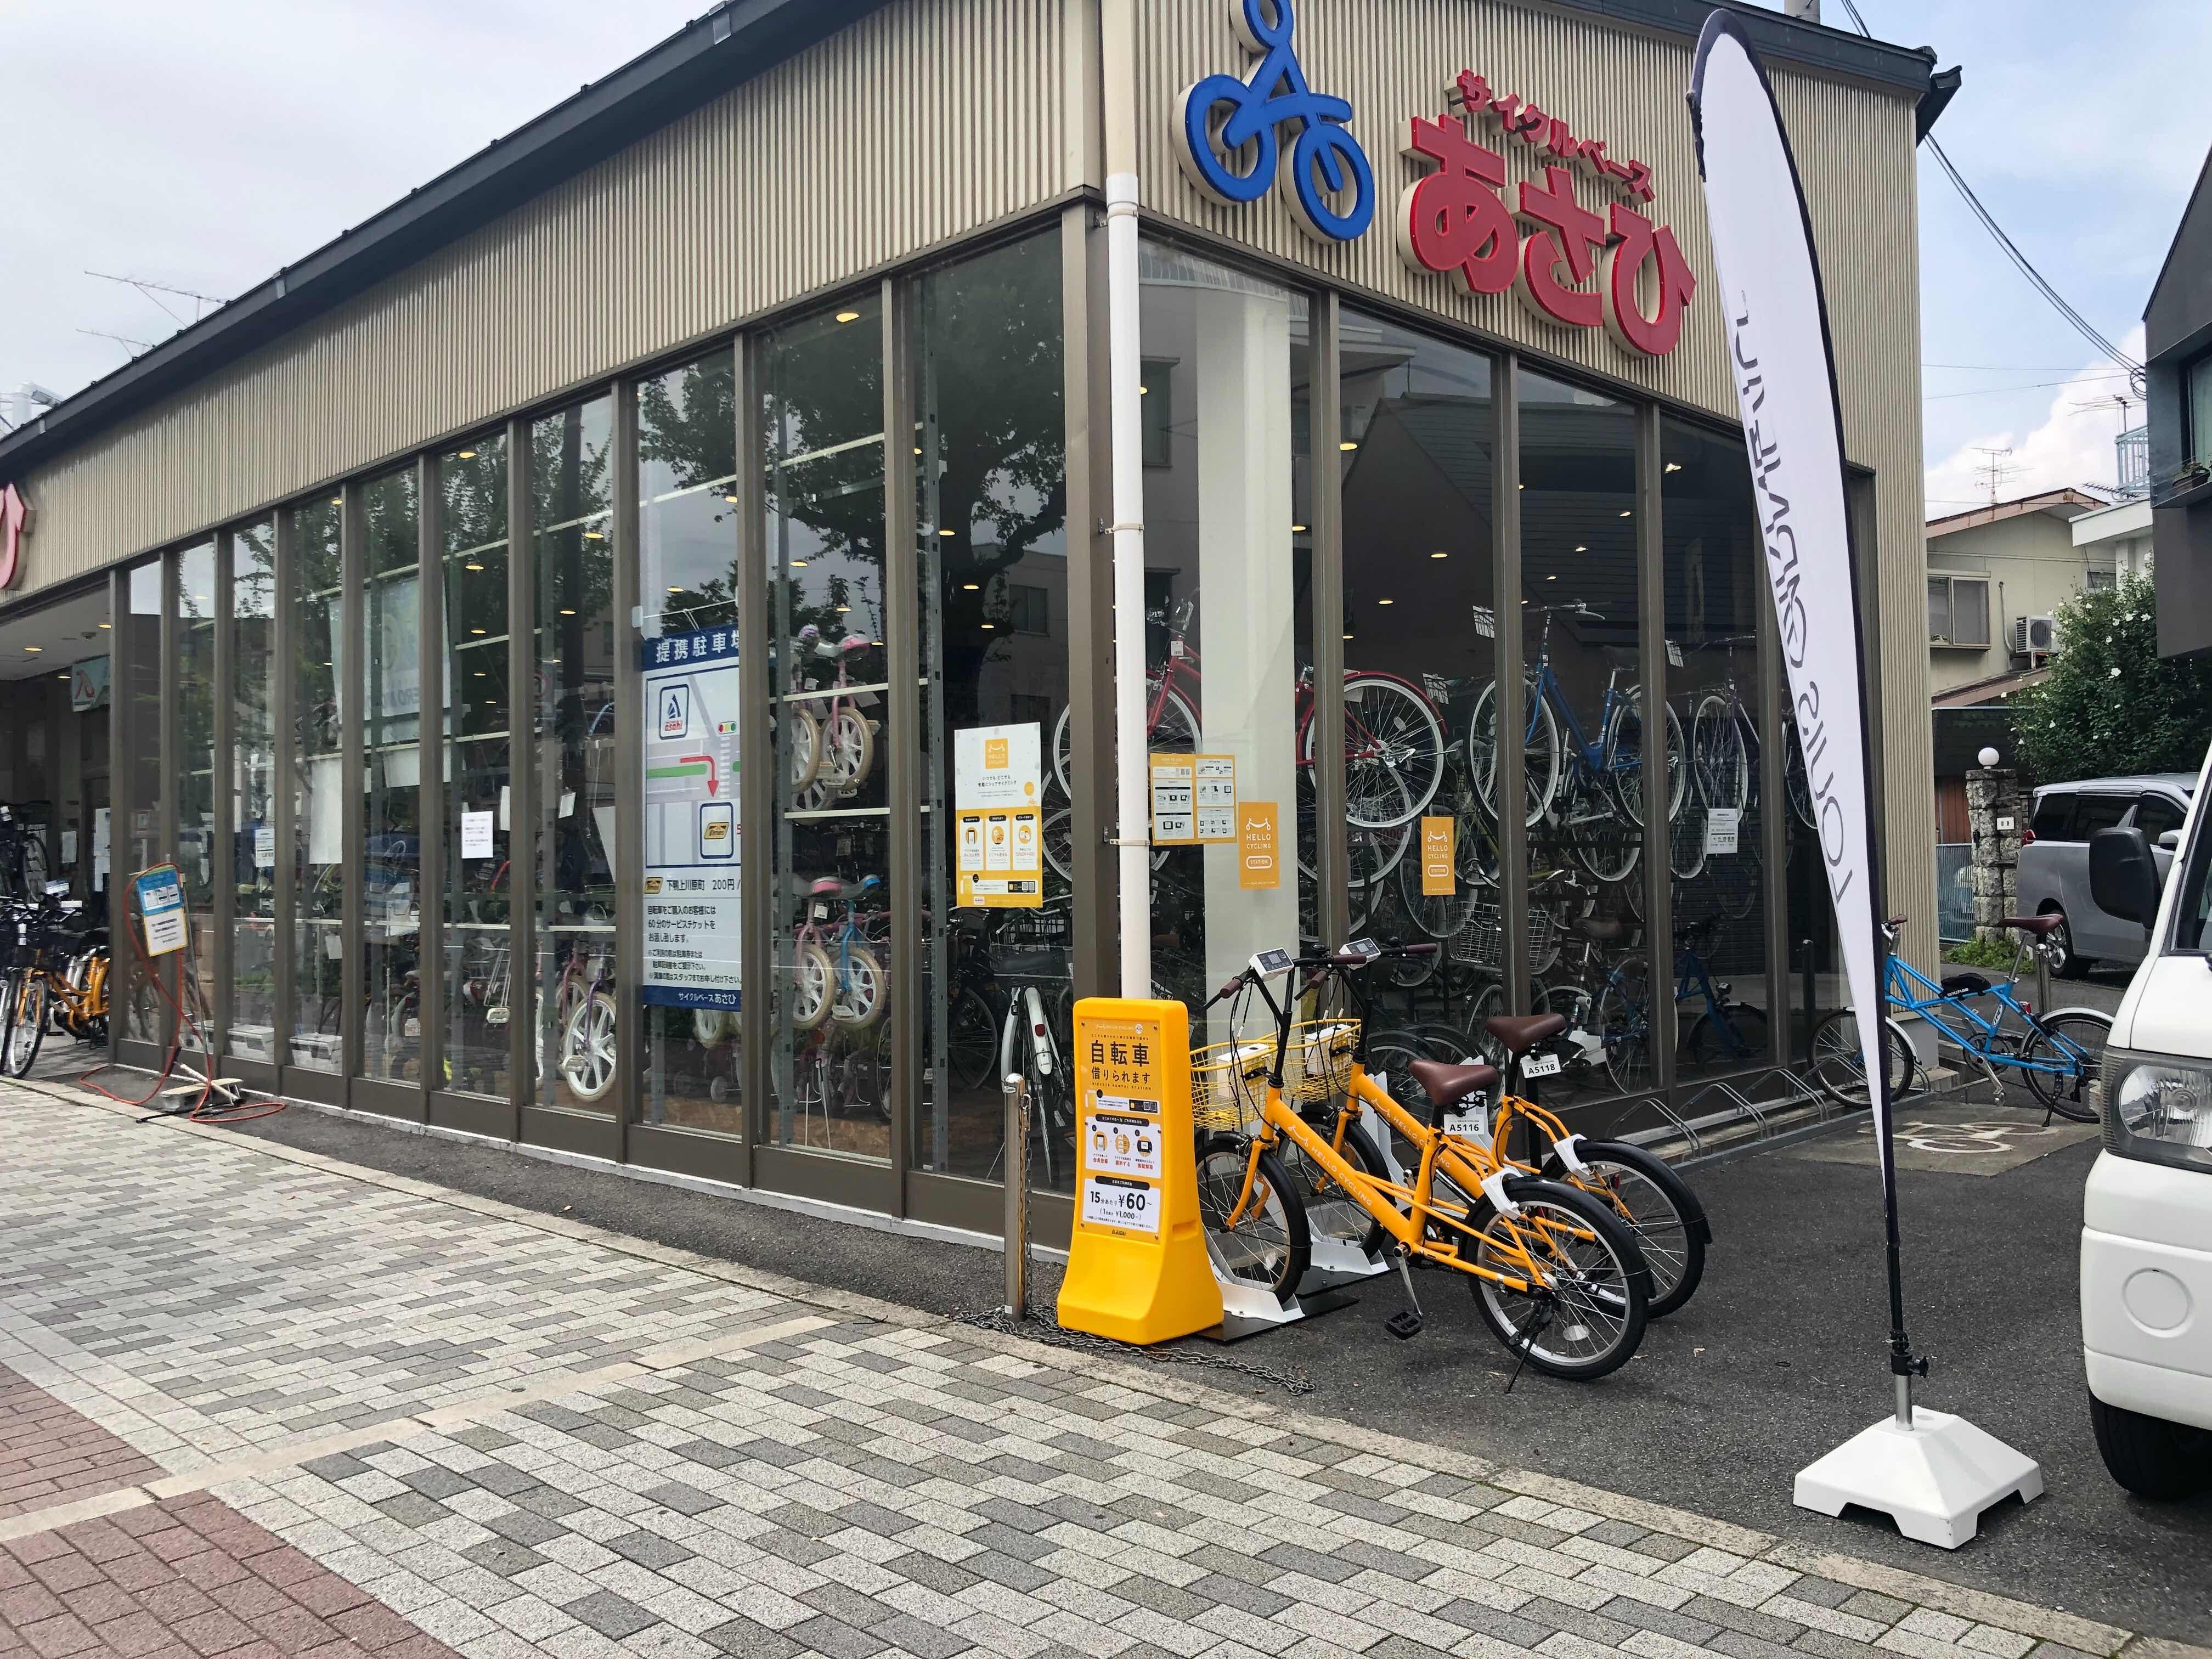 サイクルベースあさひ北大路店 (HELLO CYCLING ポート) image